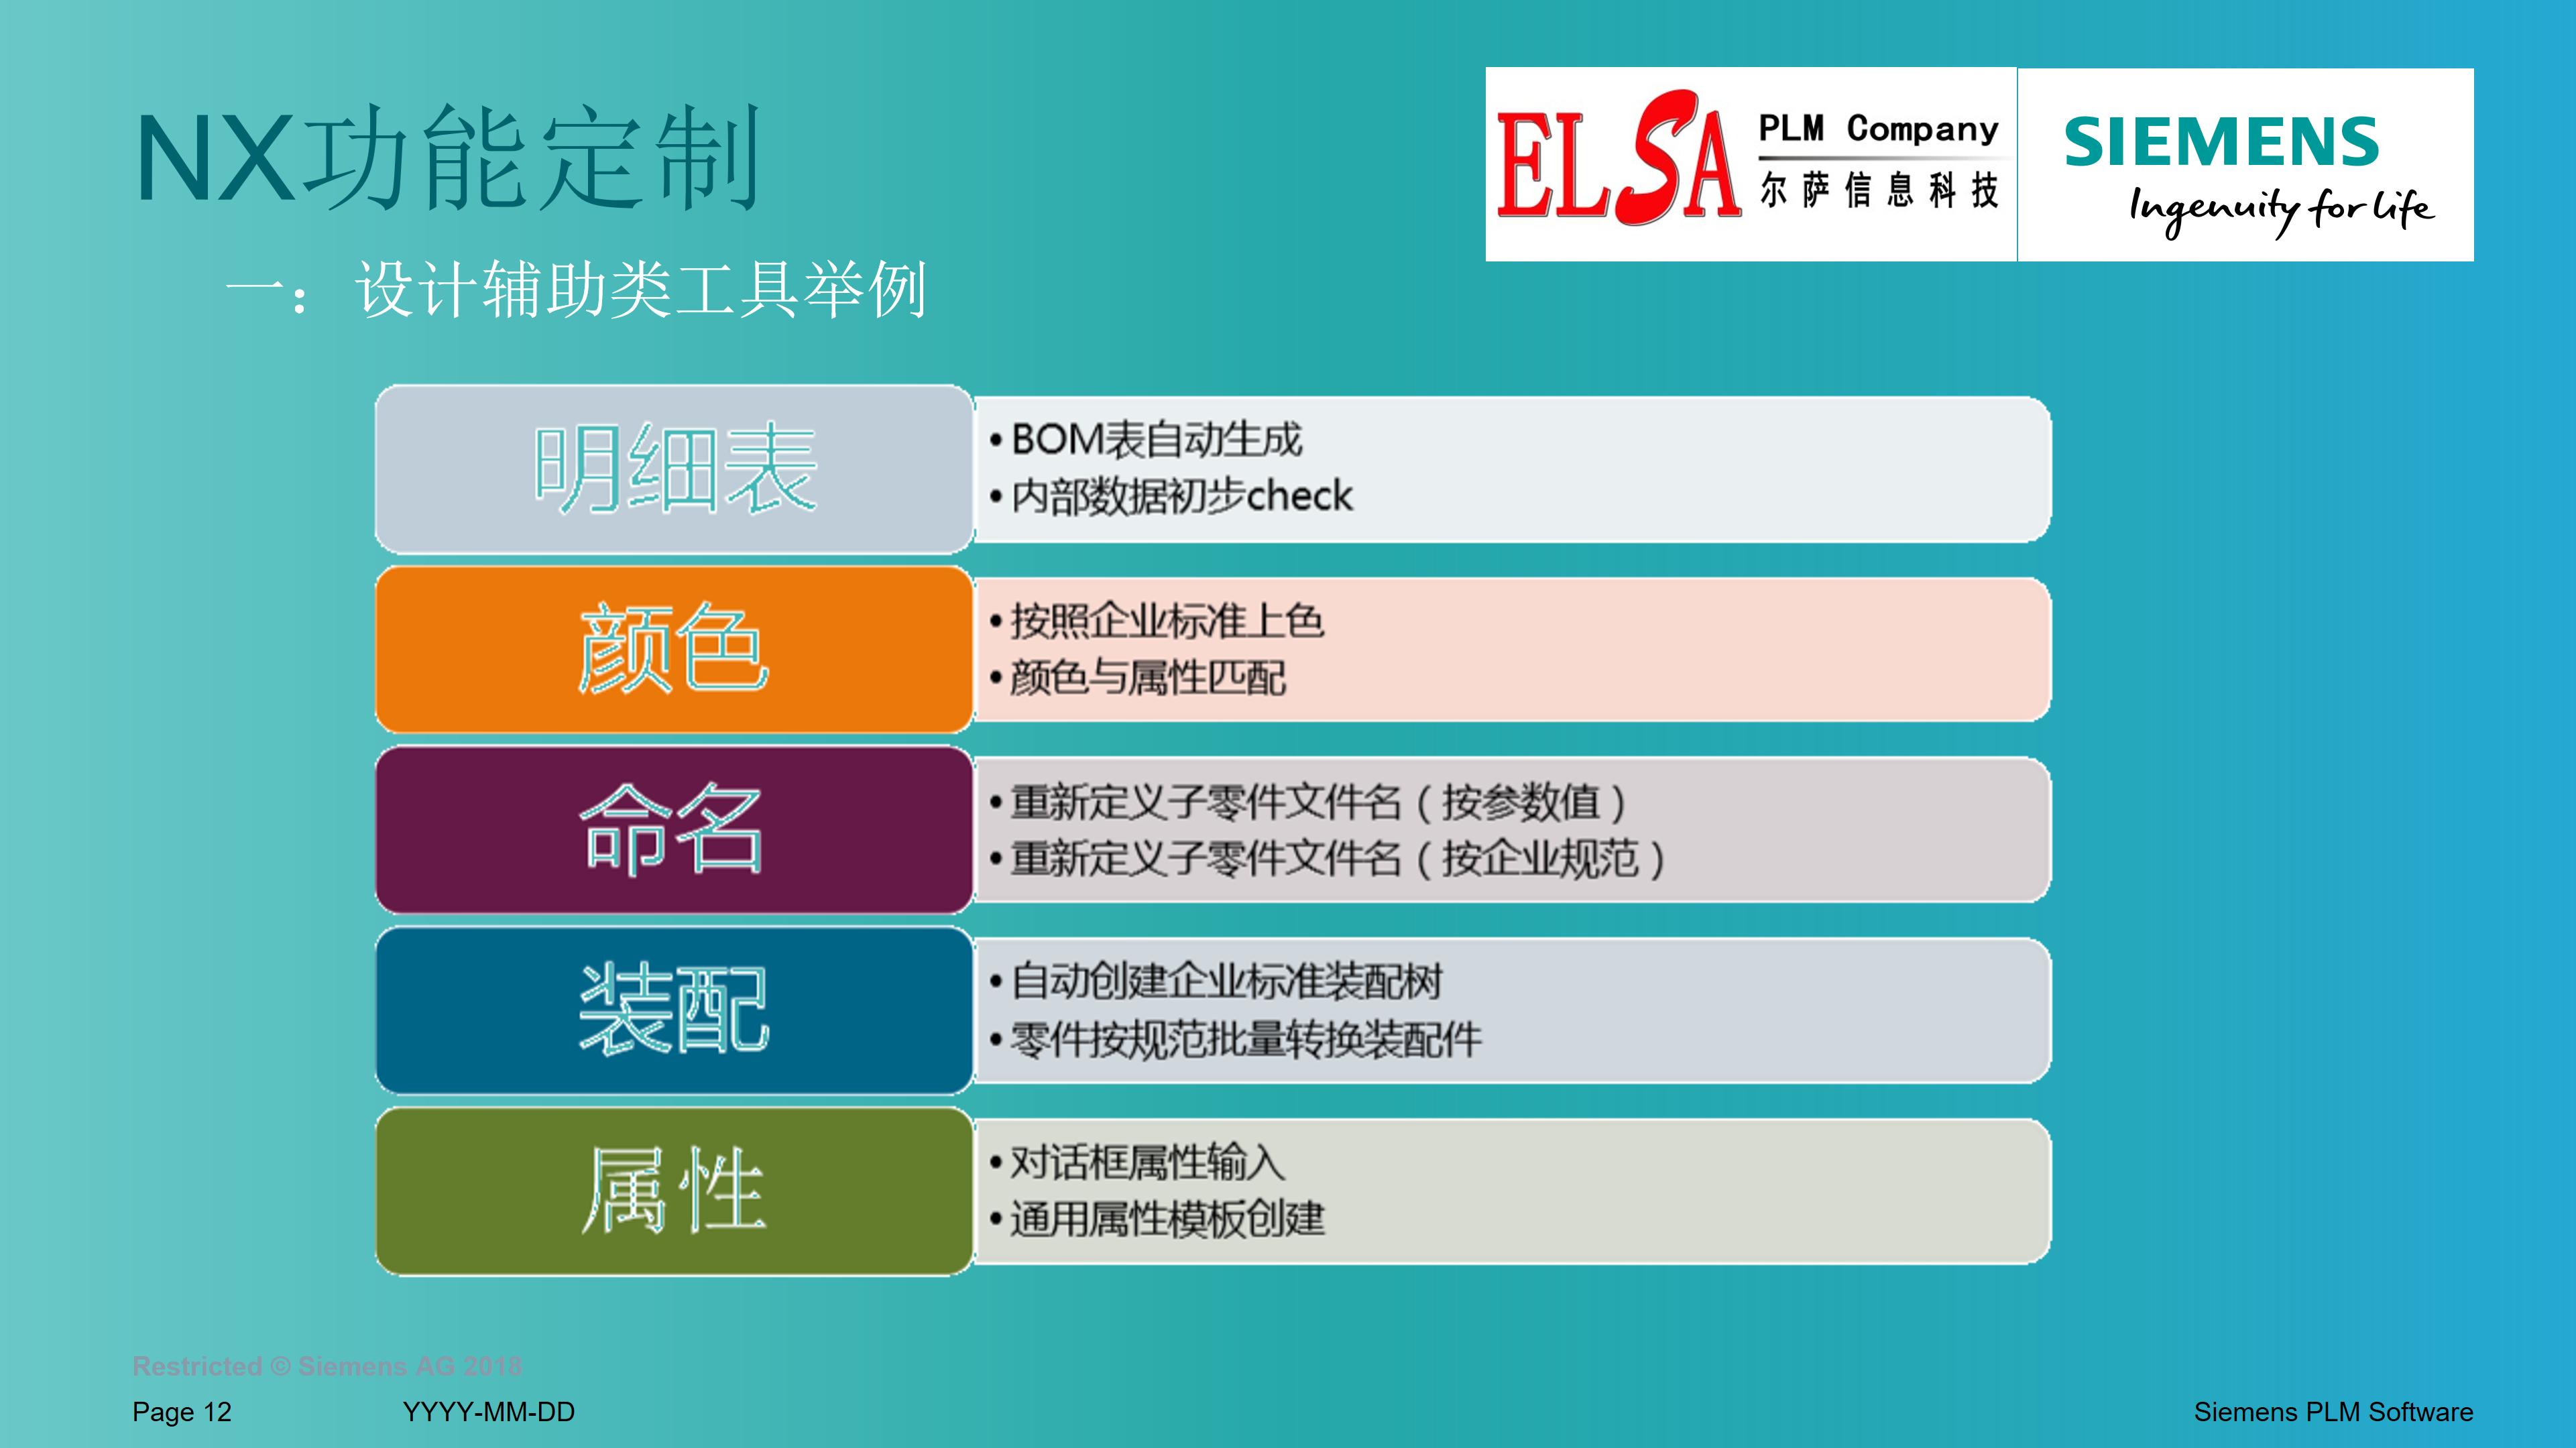 上海尔萨信息科技有限公司-技术业务介绍-上海尔萨信息科技有限公司-技术业务介绍_12